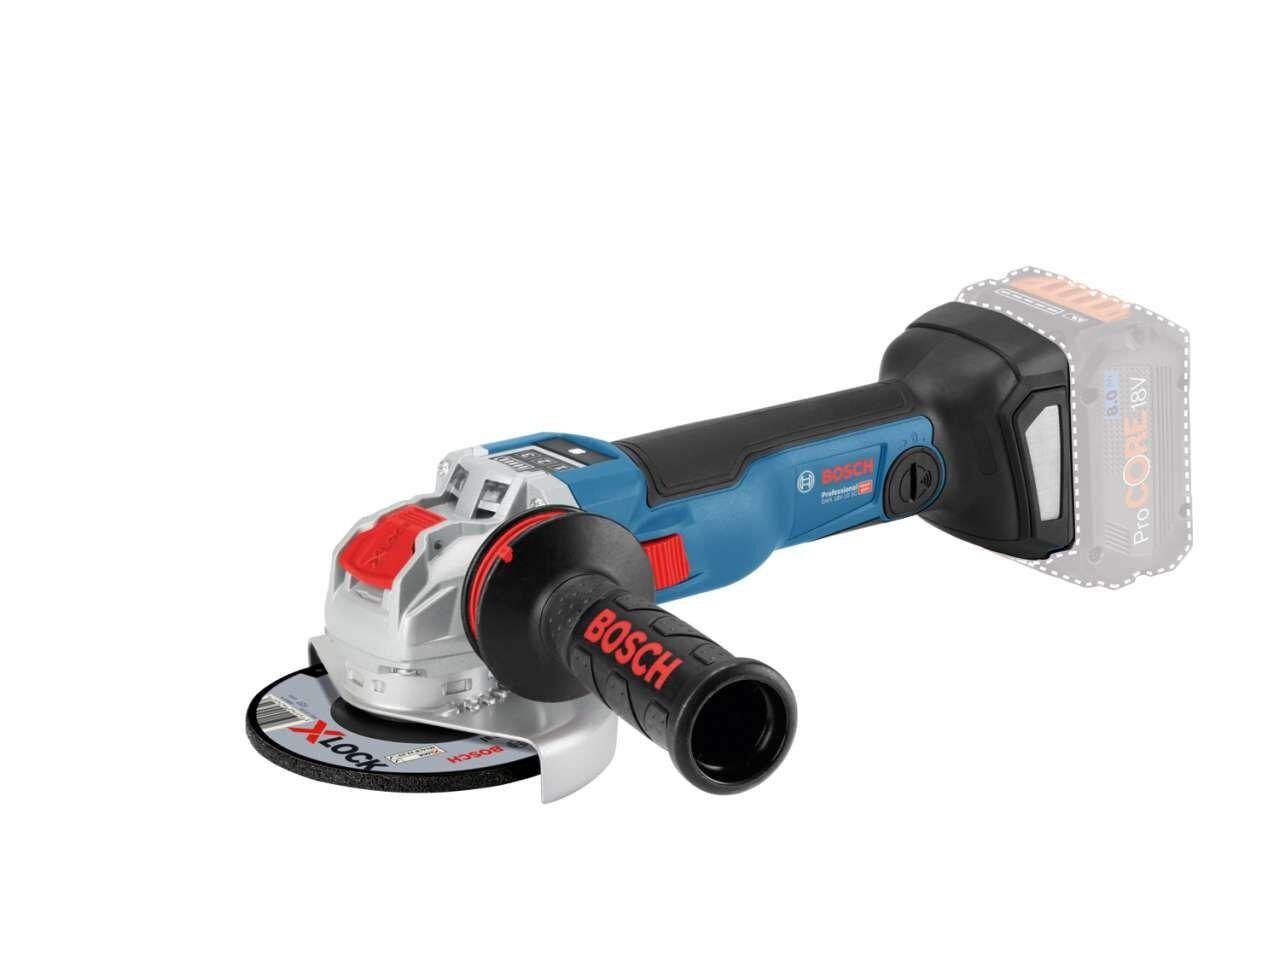 Bosch Vinkelslip Gwx 18v-10 Sc Professional Med 2st 8ah Procore Batteri & Laddare I L-Boxx